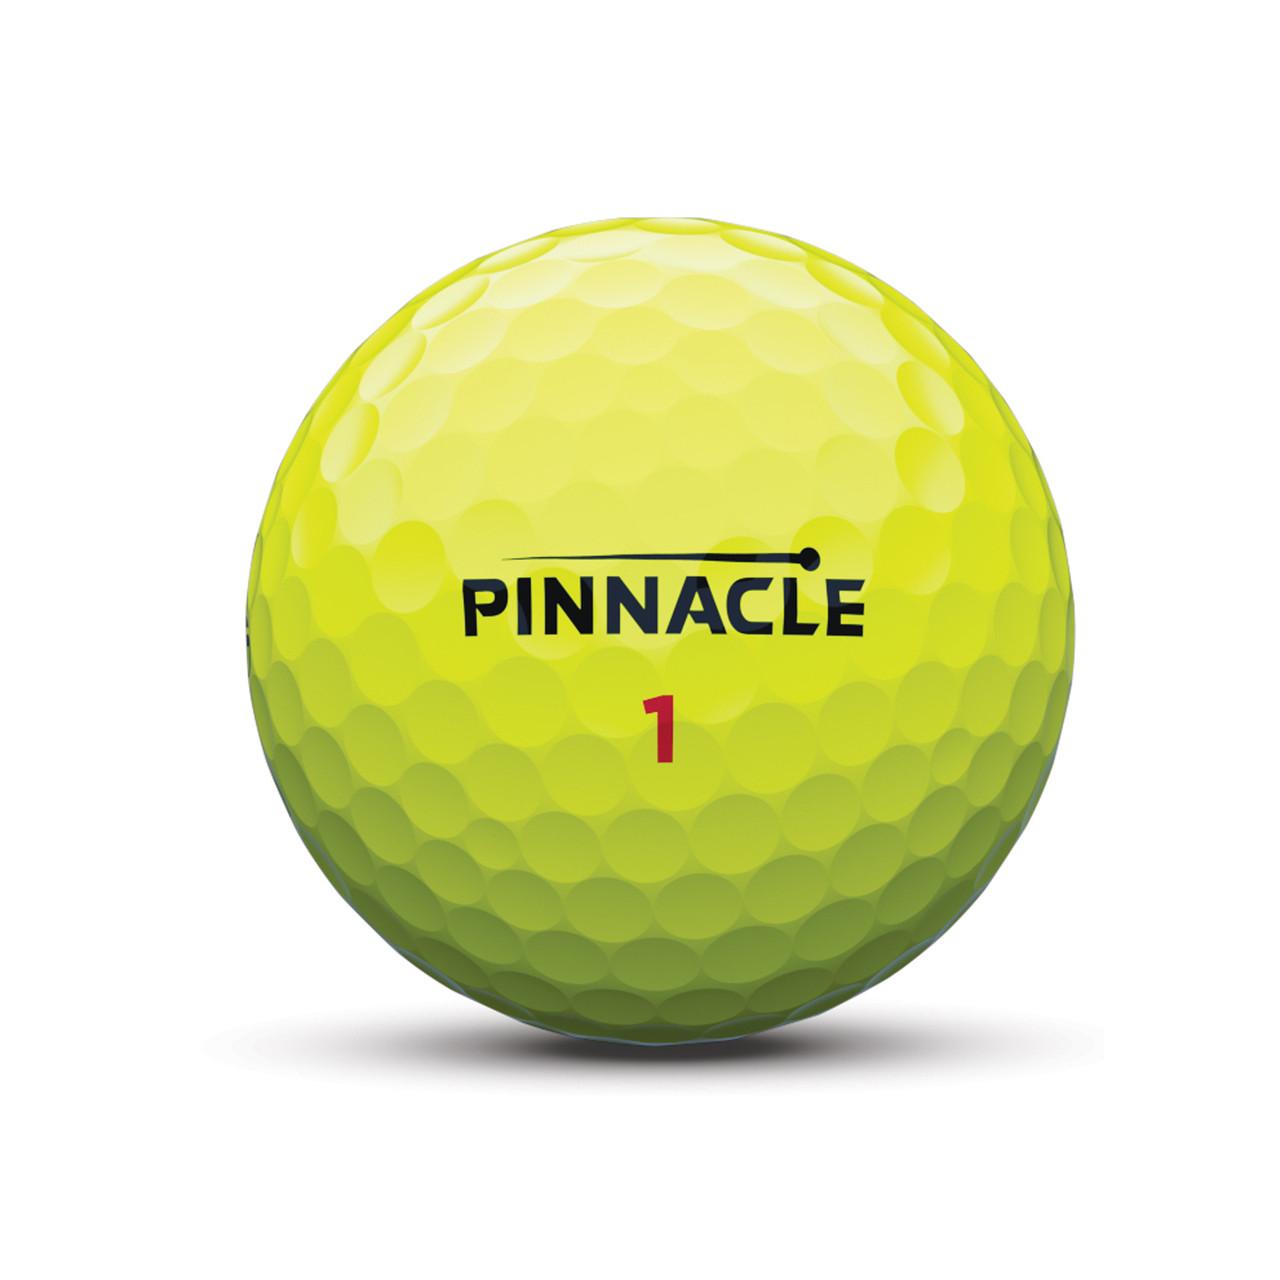 Pinnacle Personalized RUSH 15-Ball Pack - Yellow